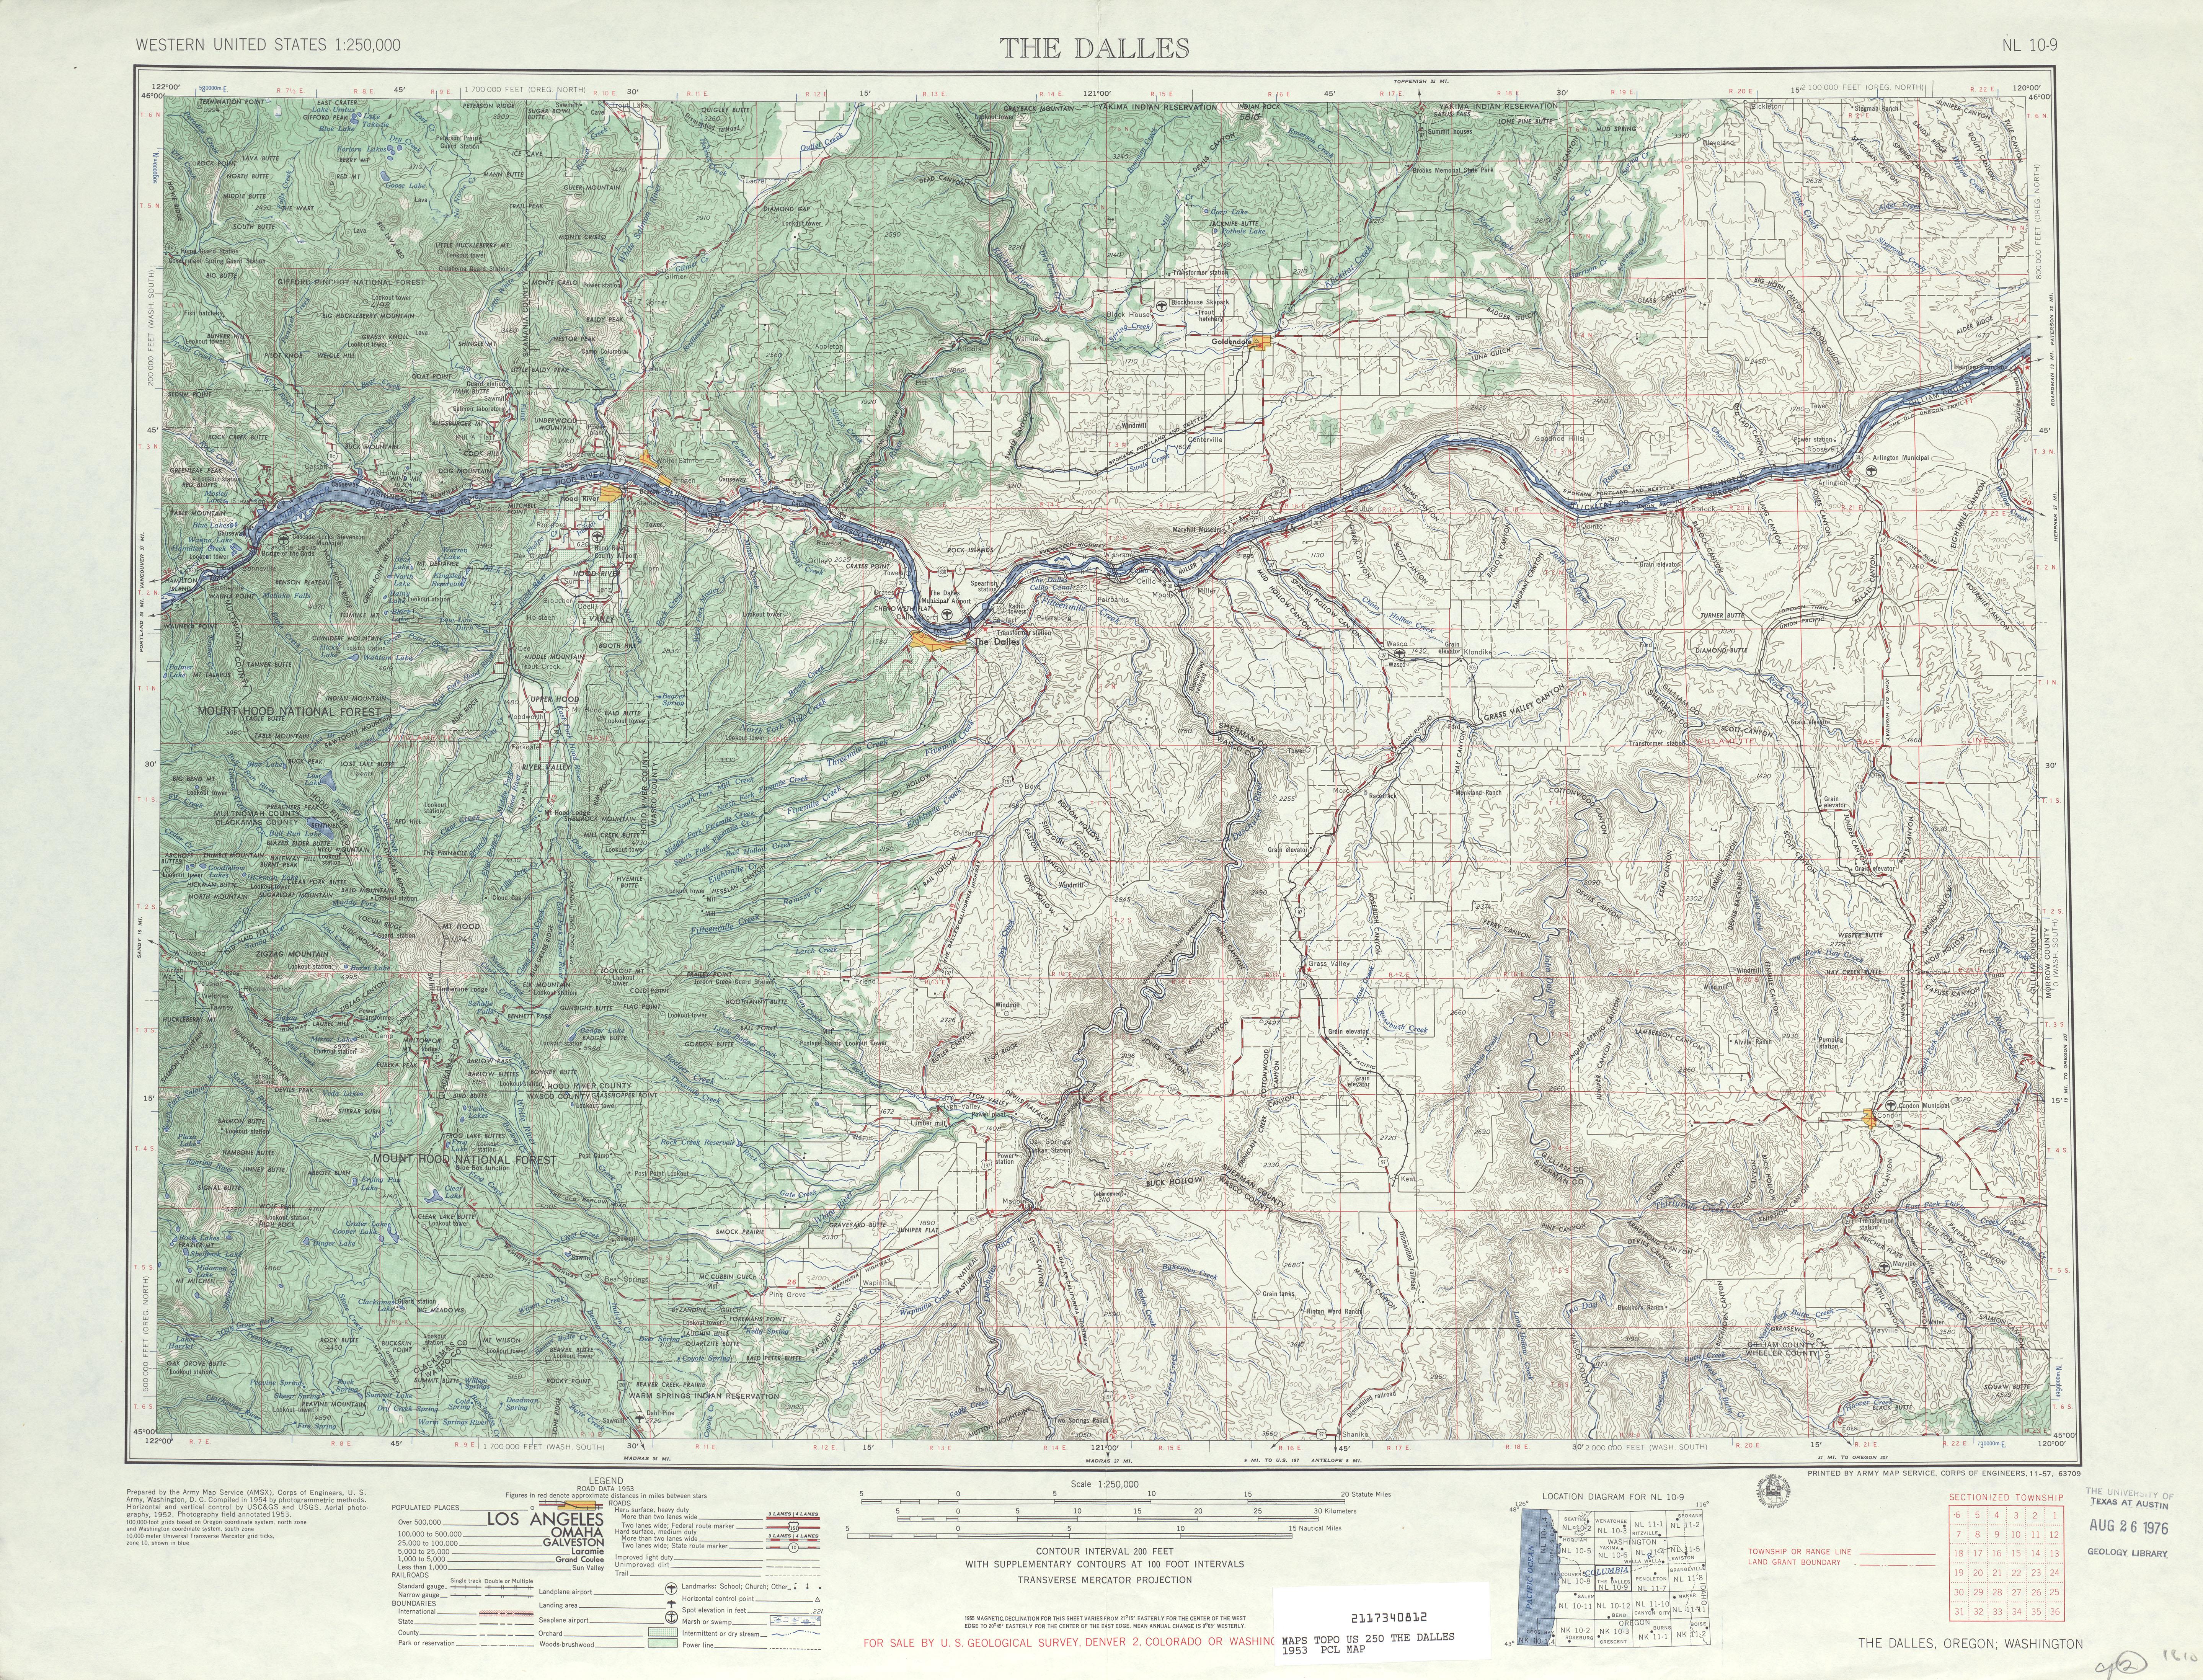 Hoja The Dalles del Mapa Topográfico de los Estados Unidos 1953